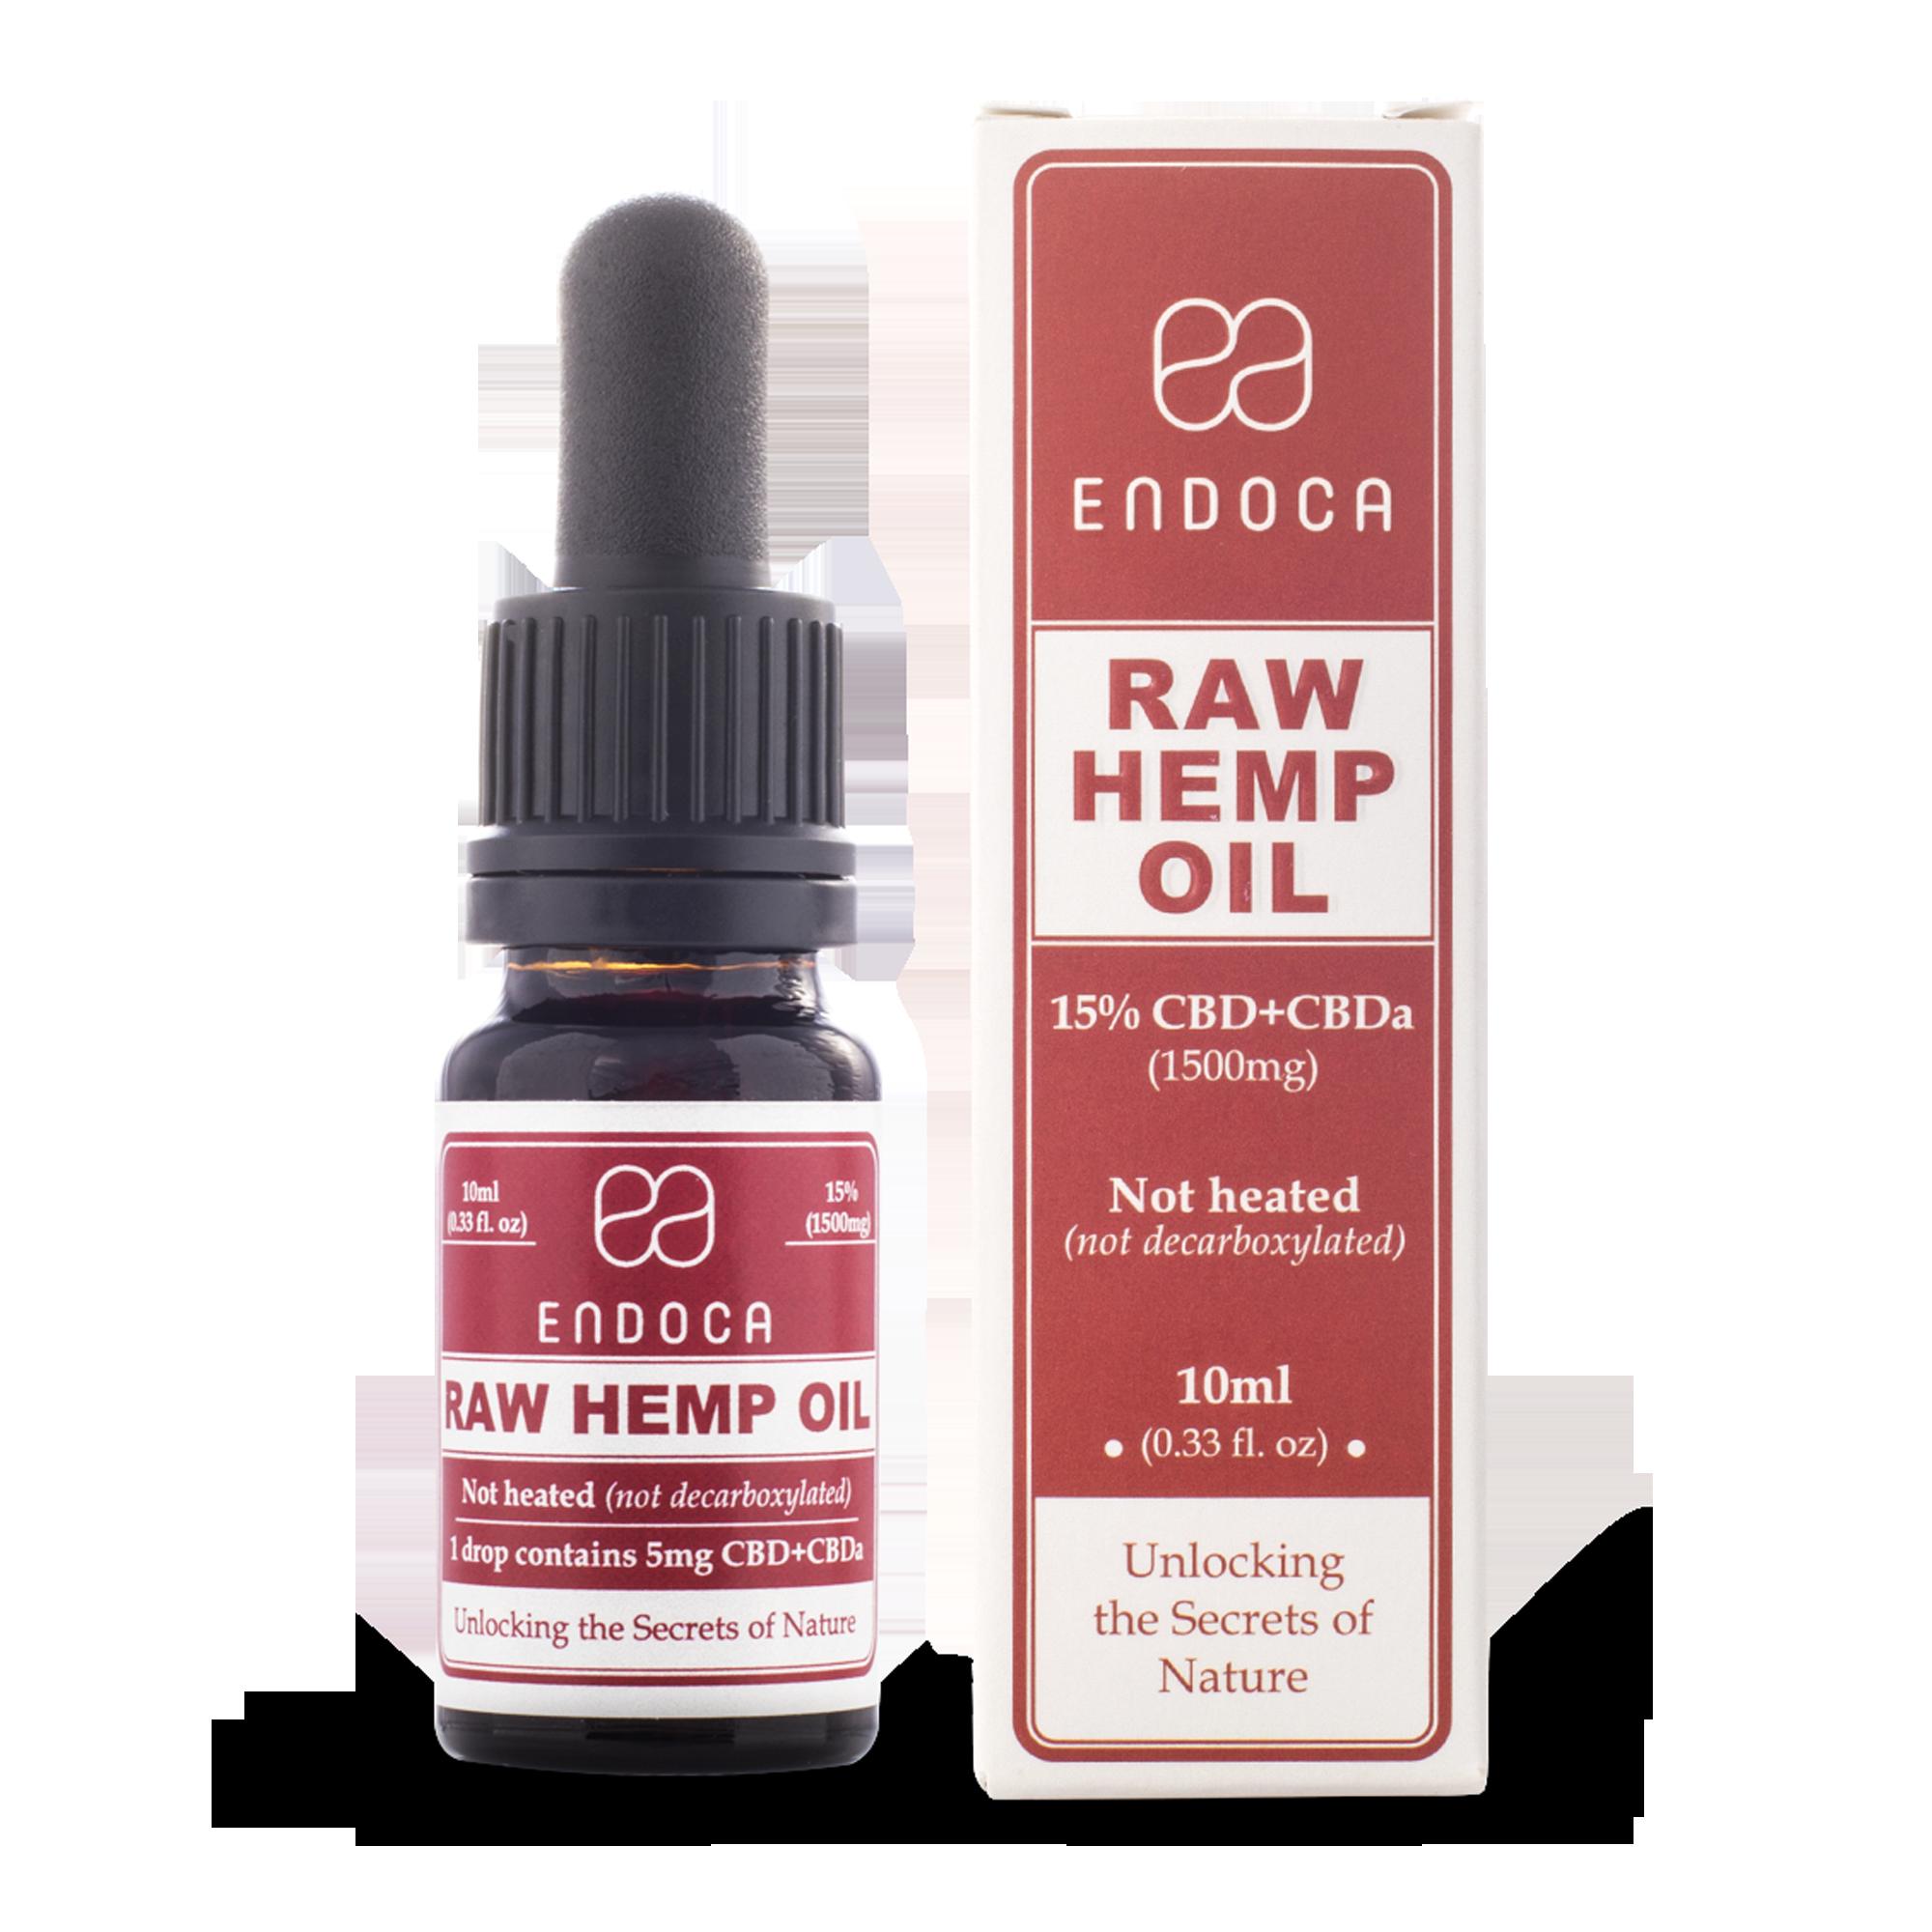 CBD Öl 15% | rohes Hanf-Öl | 10 ml | 1500 mg CBD/CBDa | Endoca